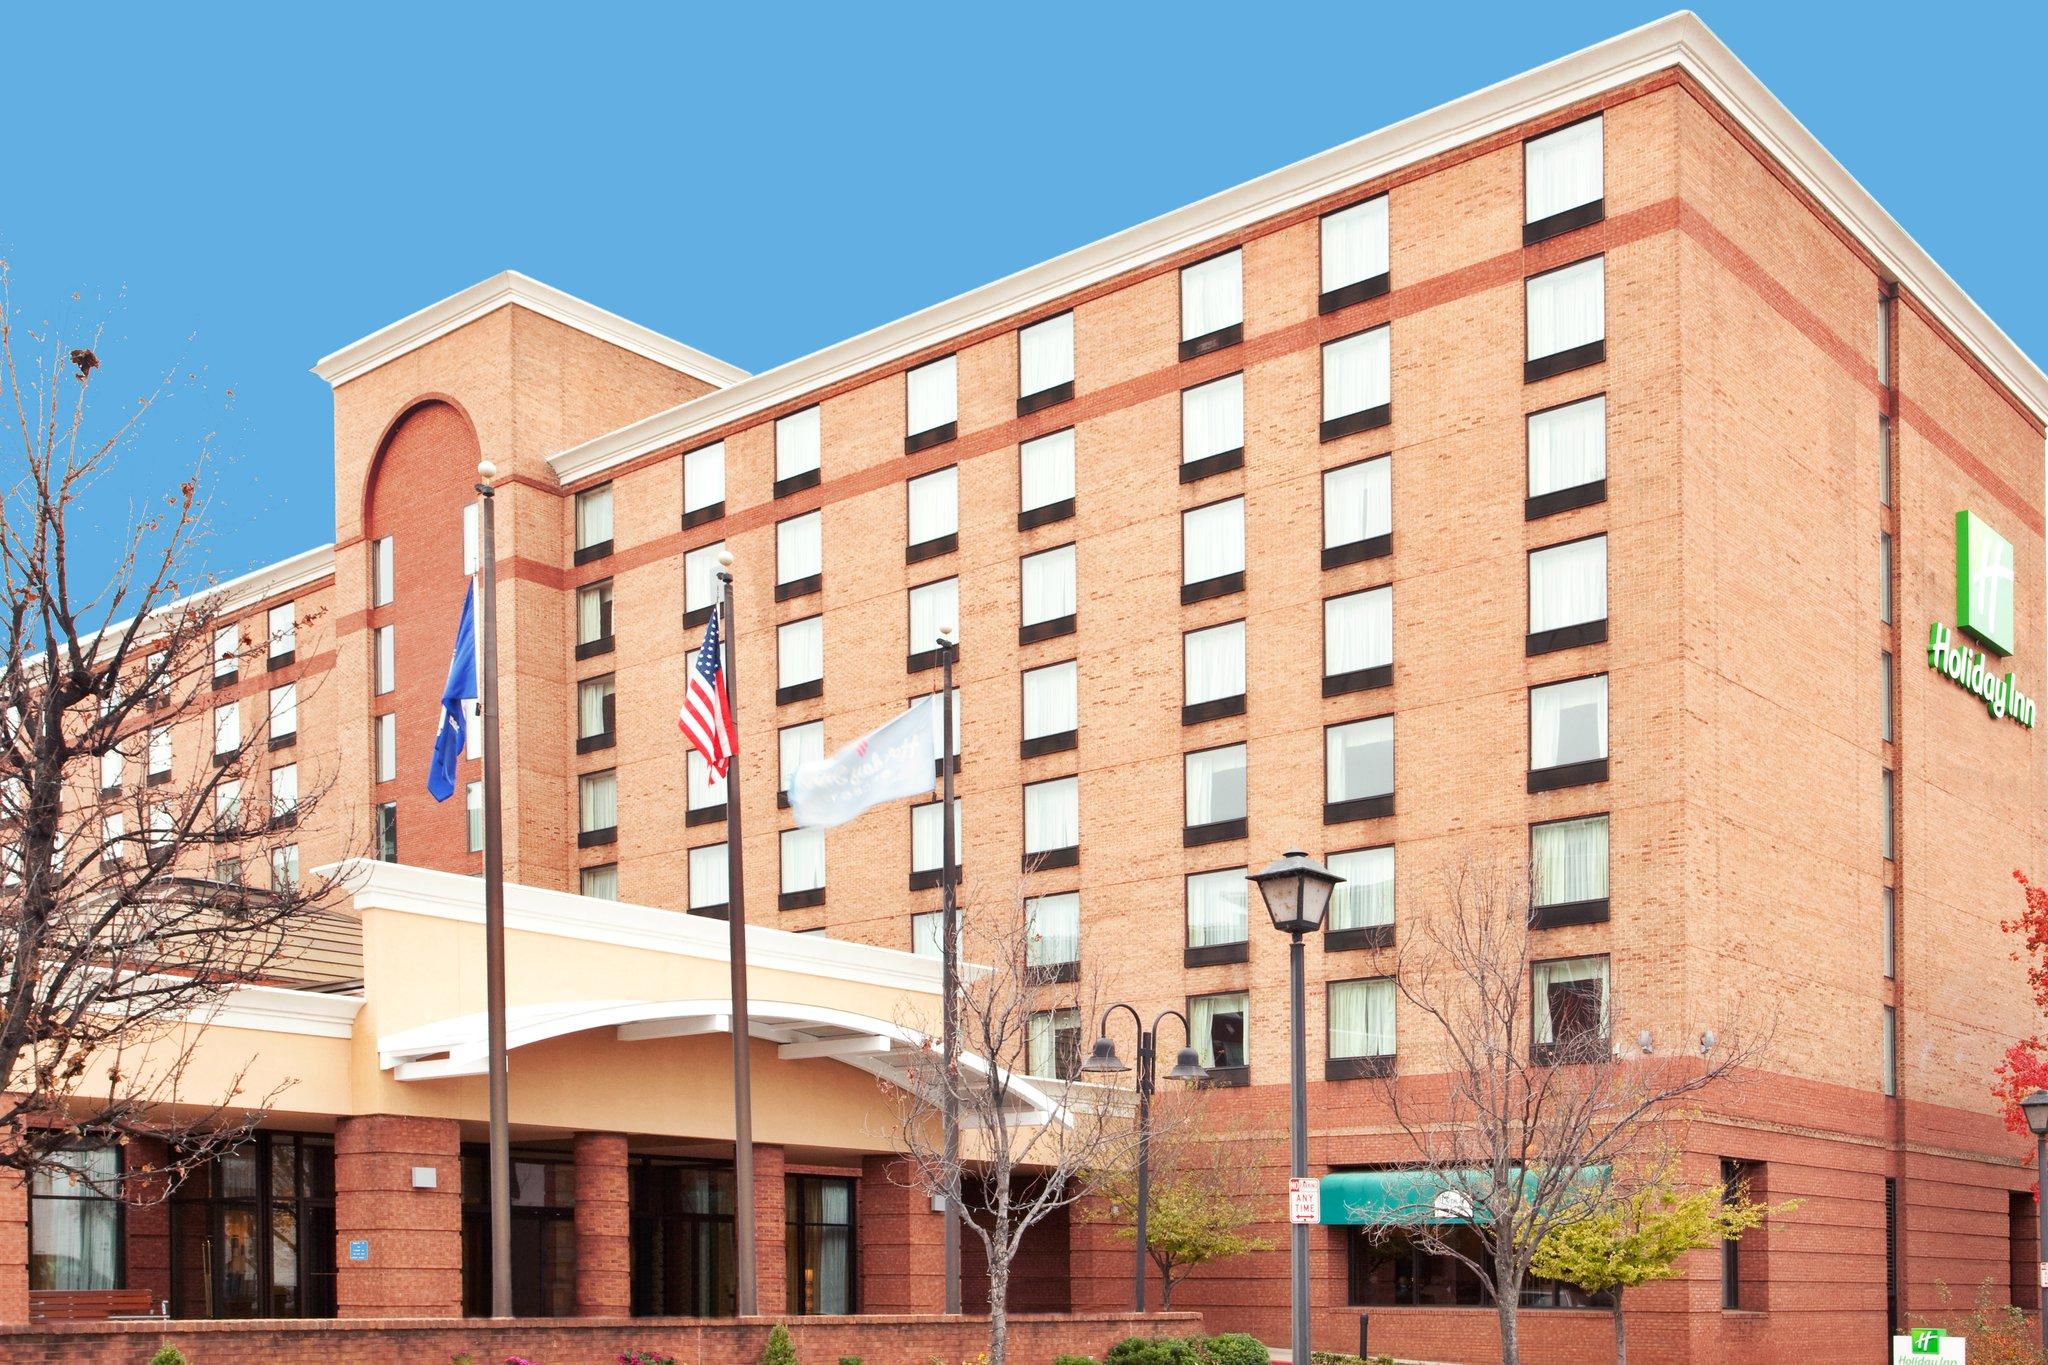 Holiday Inn Downtown-Lynchburg